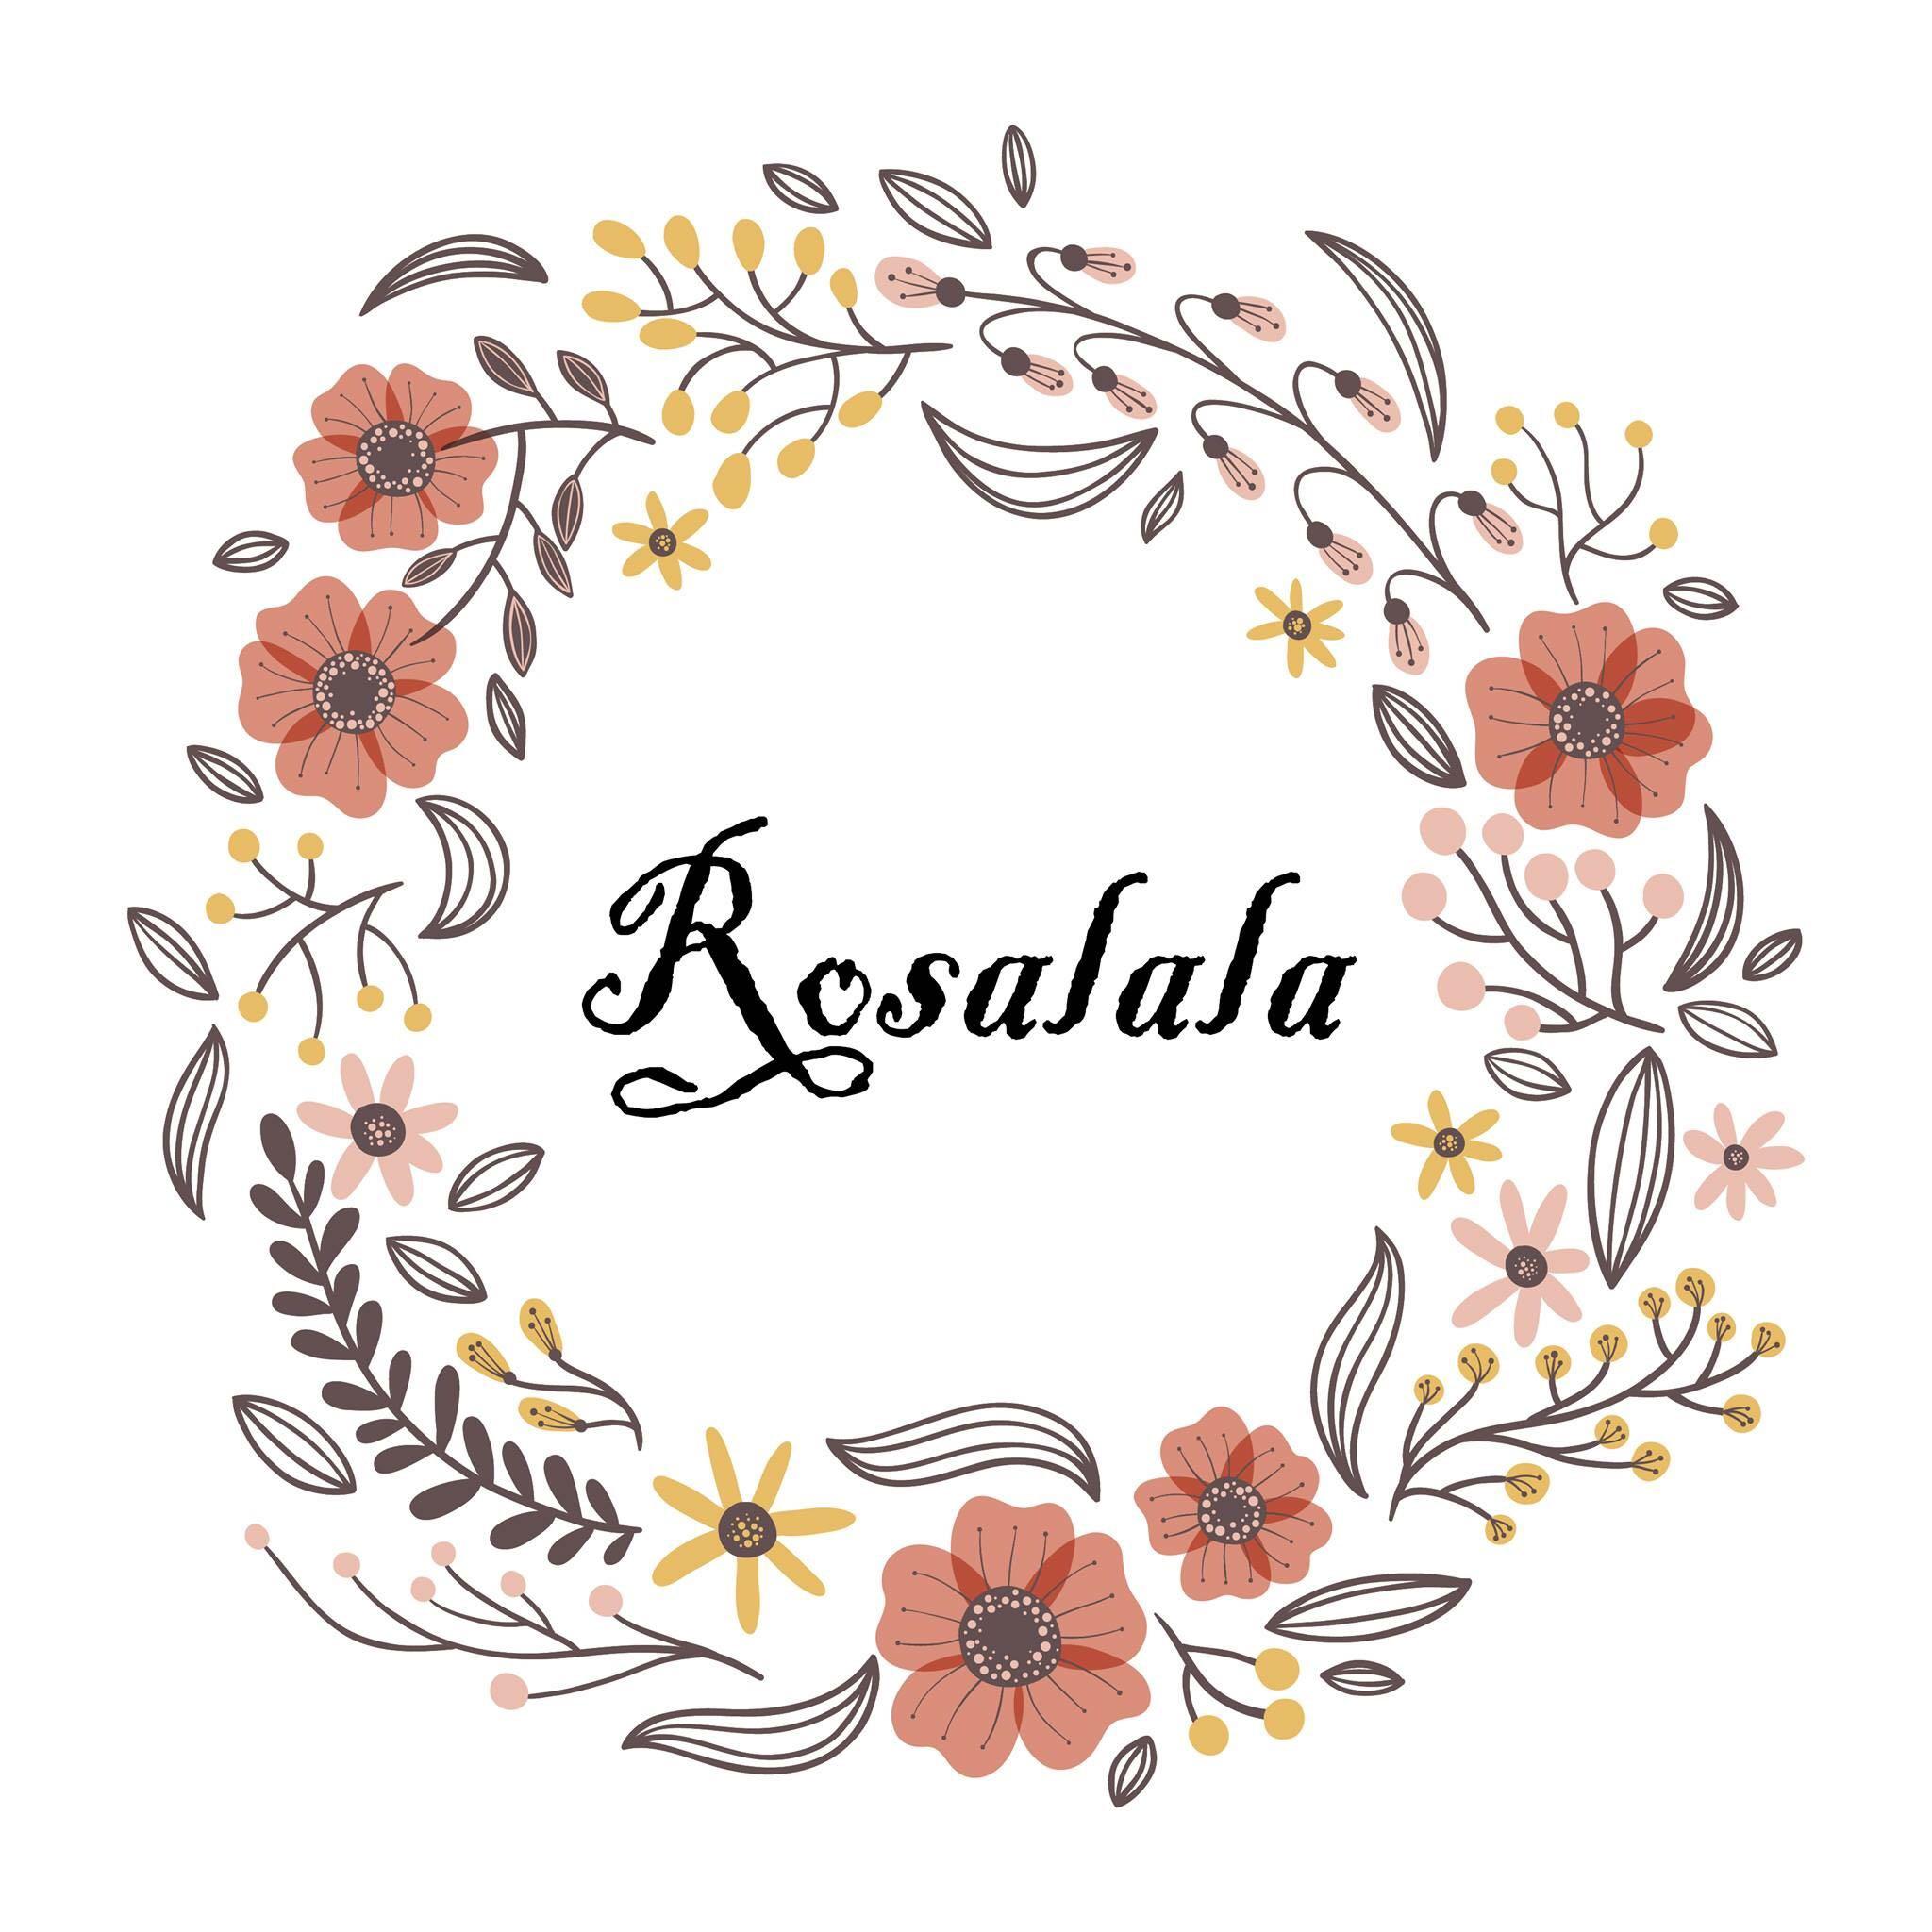 rosalala